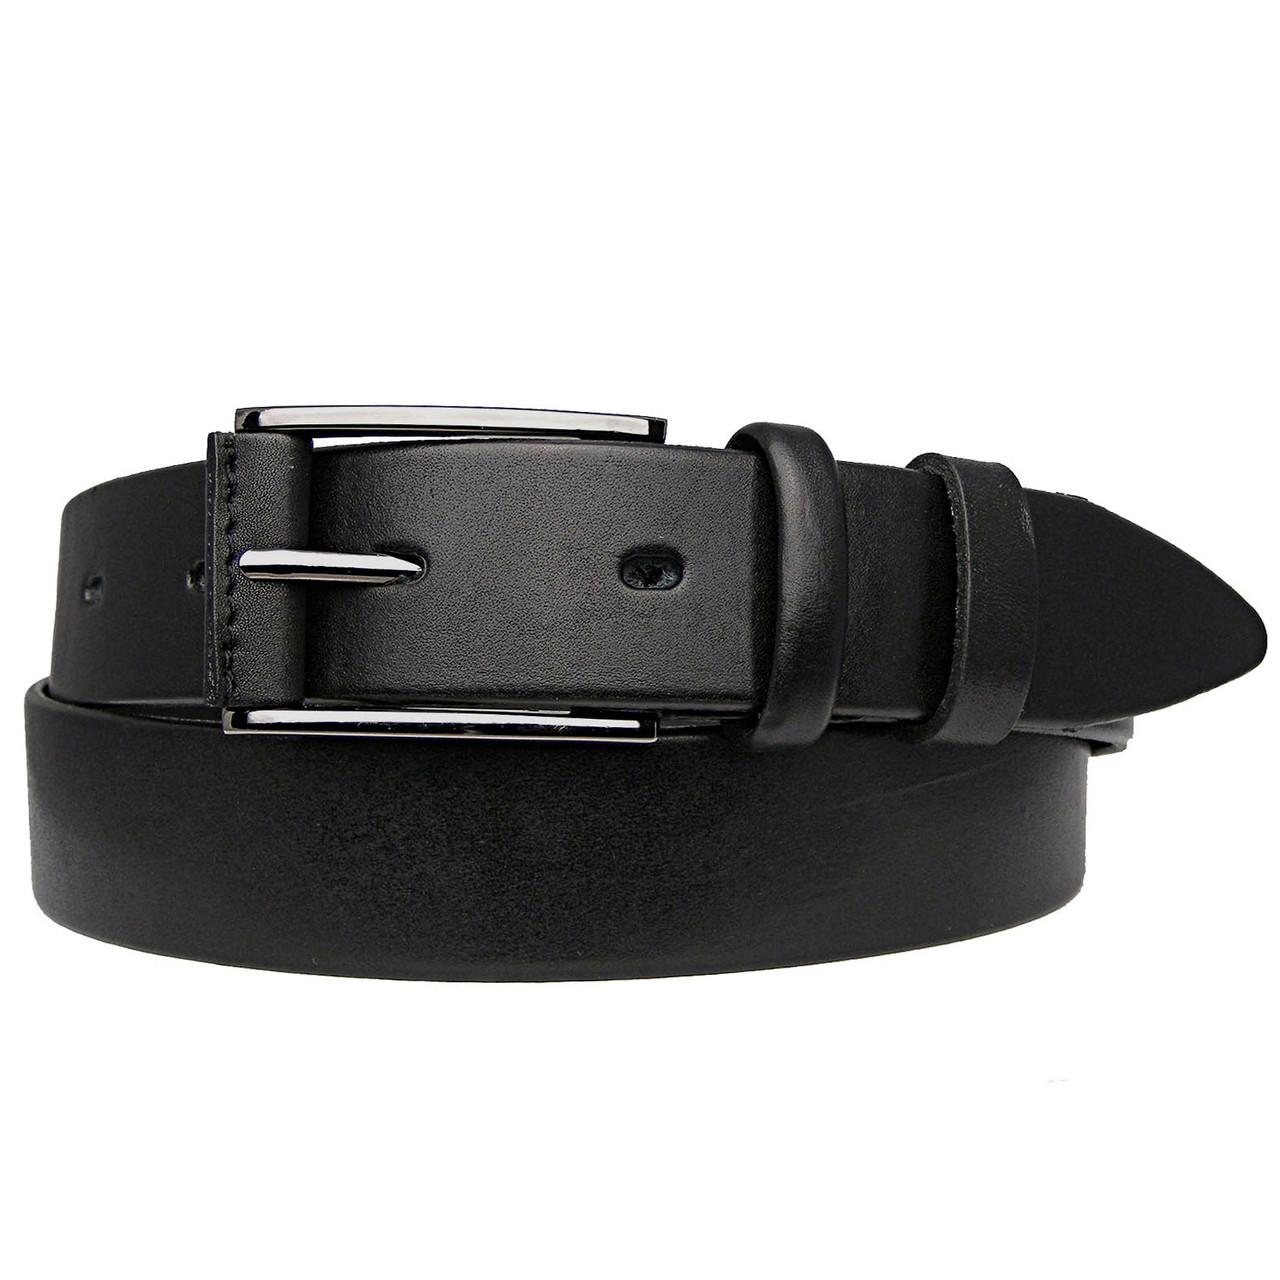 Ремінь чоловічий шкіряний класика чорний JK-3560 (120 см)